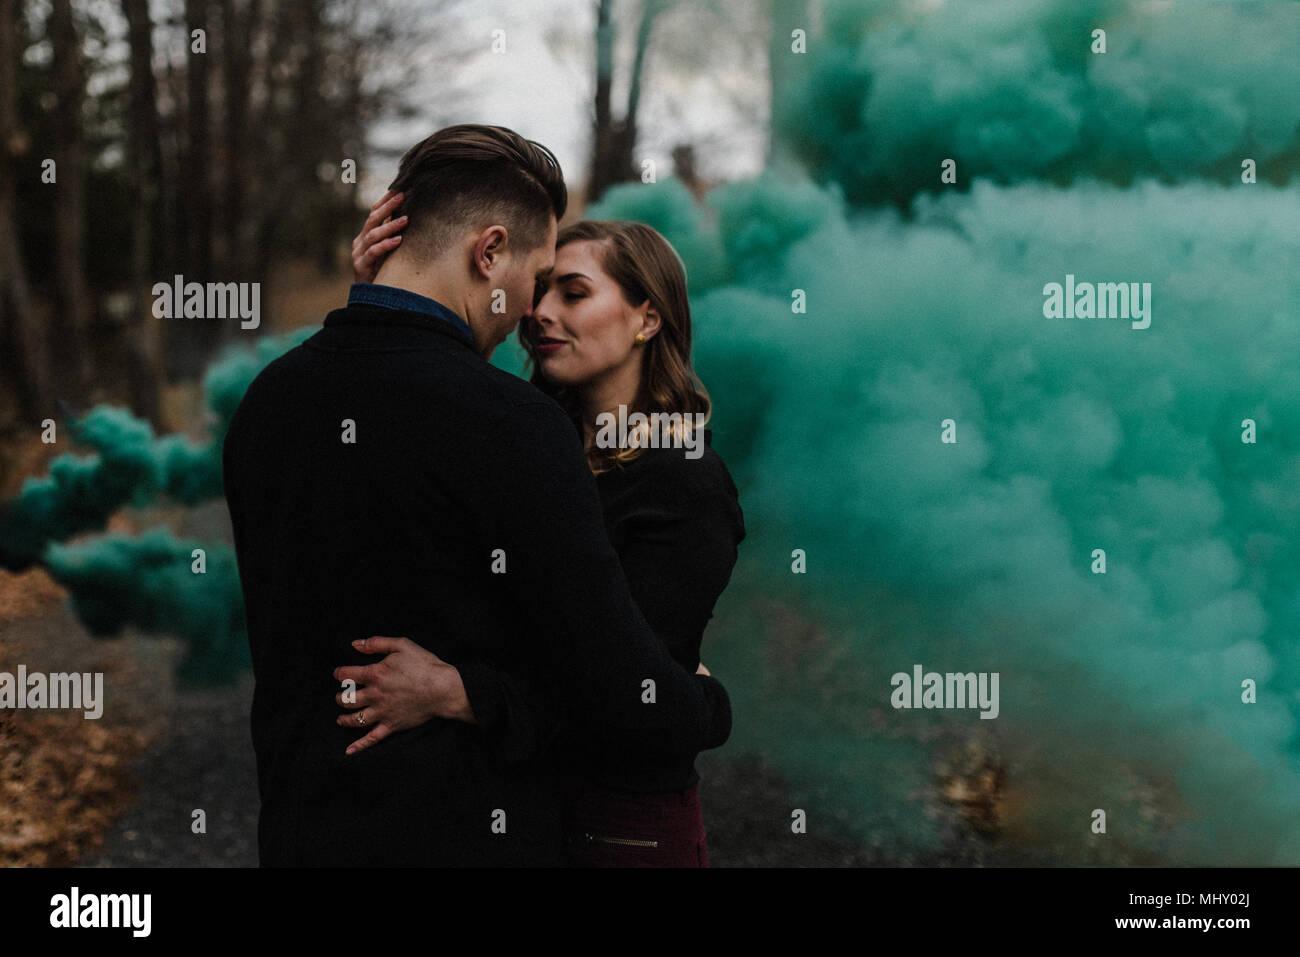 Coppia giovane baciare in foresta verde dalla nuvola di fumo Immagini Stock